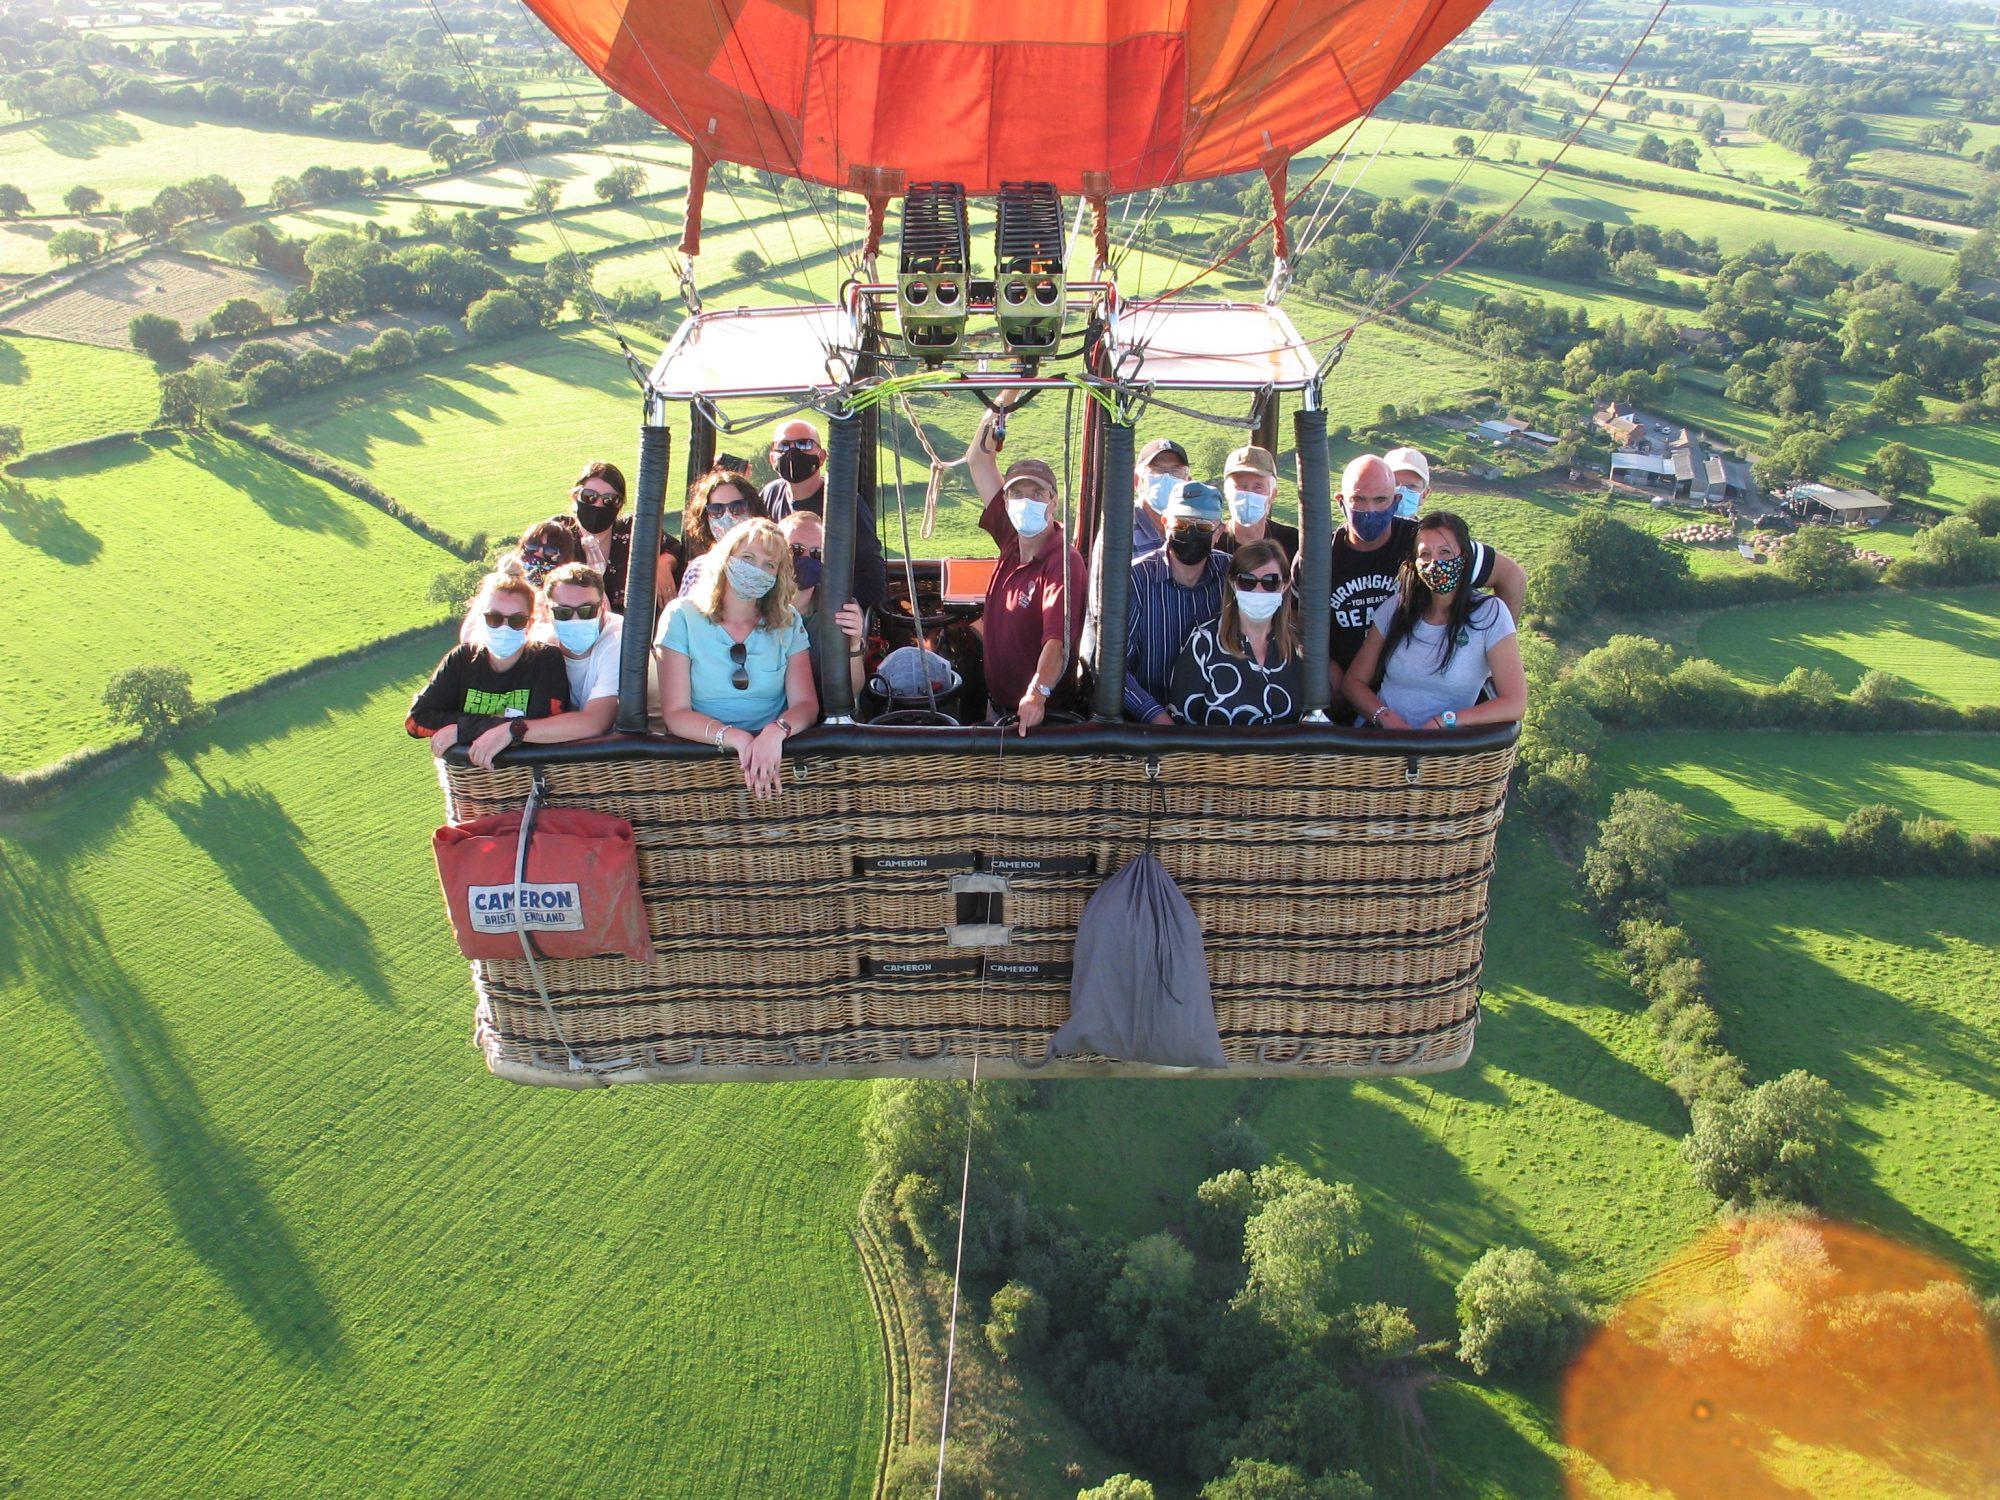 Hot Air Balloon COVID-19